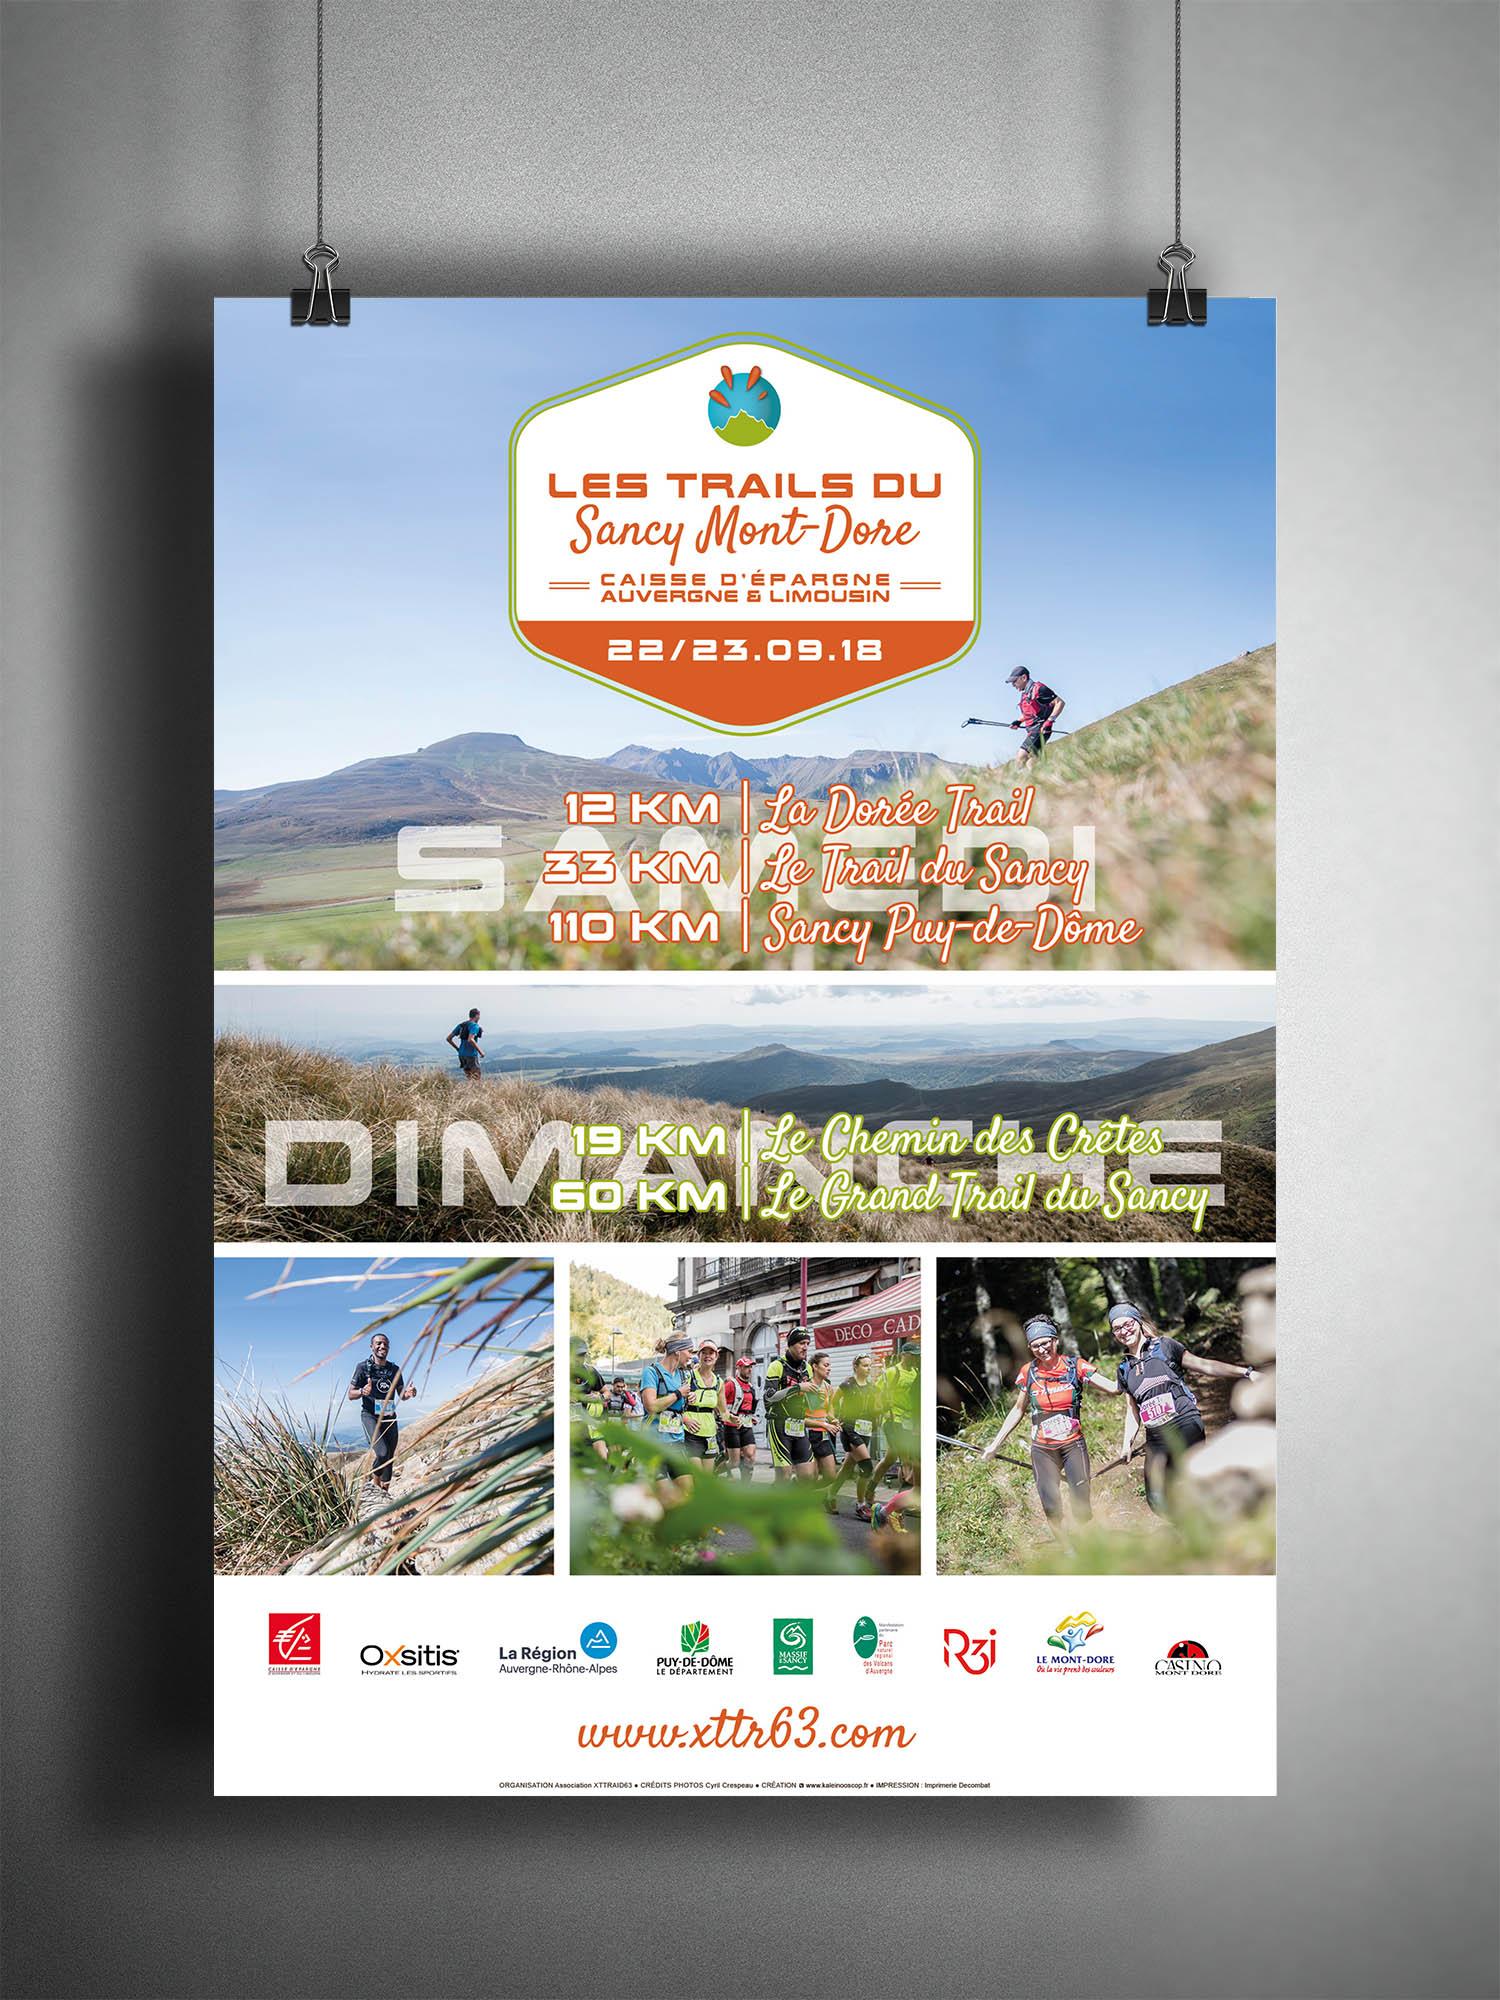 Les Trails du Sancy Mont-Dore